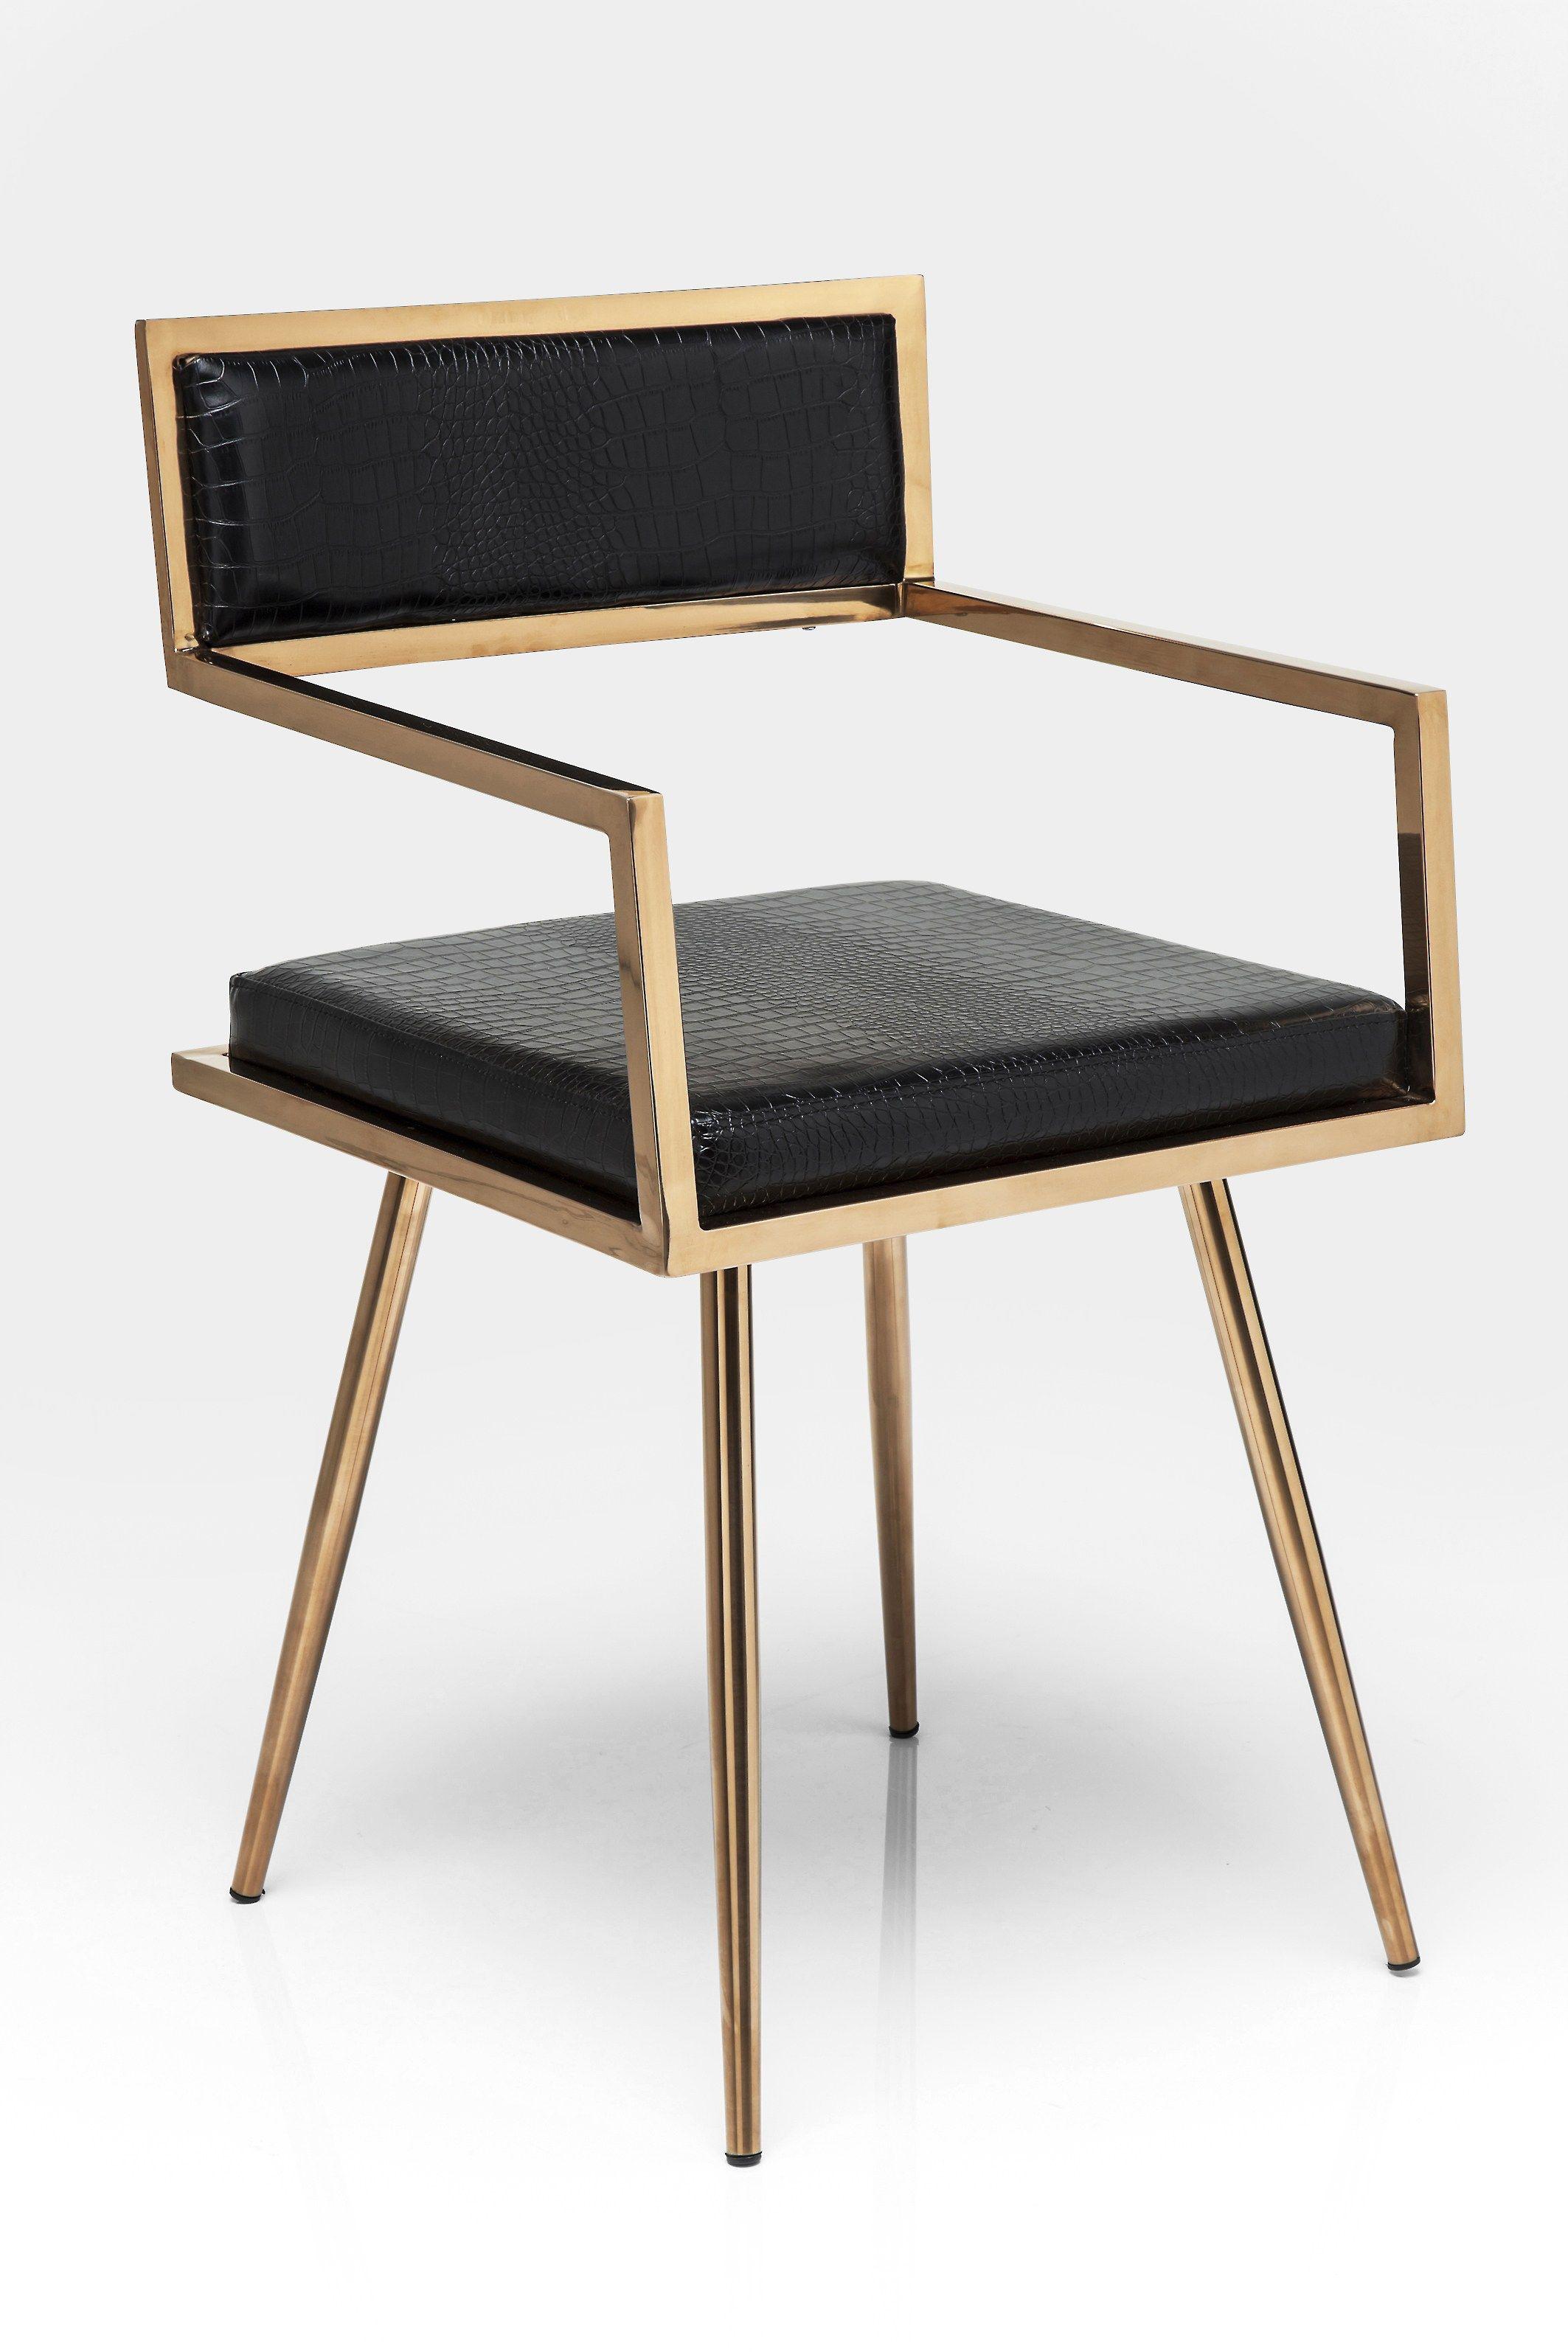 gepolsterter stuhl aus leder mit armlehnen jazz kare design - Design Sthle Fr Wohnzimmer